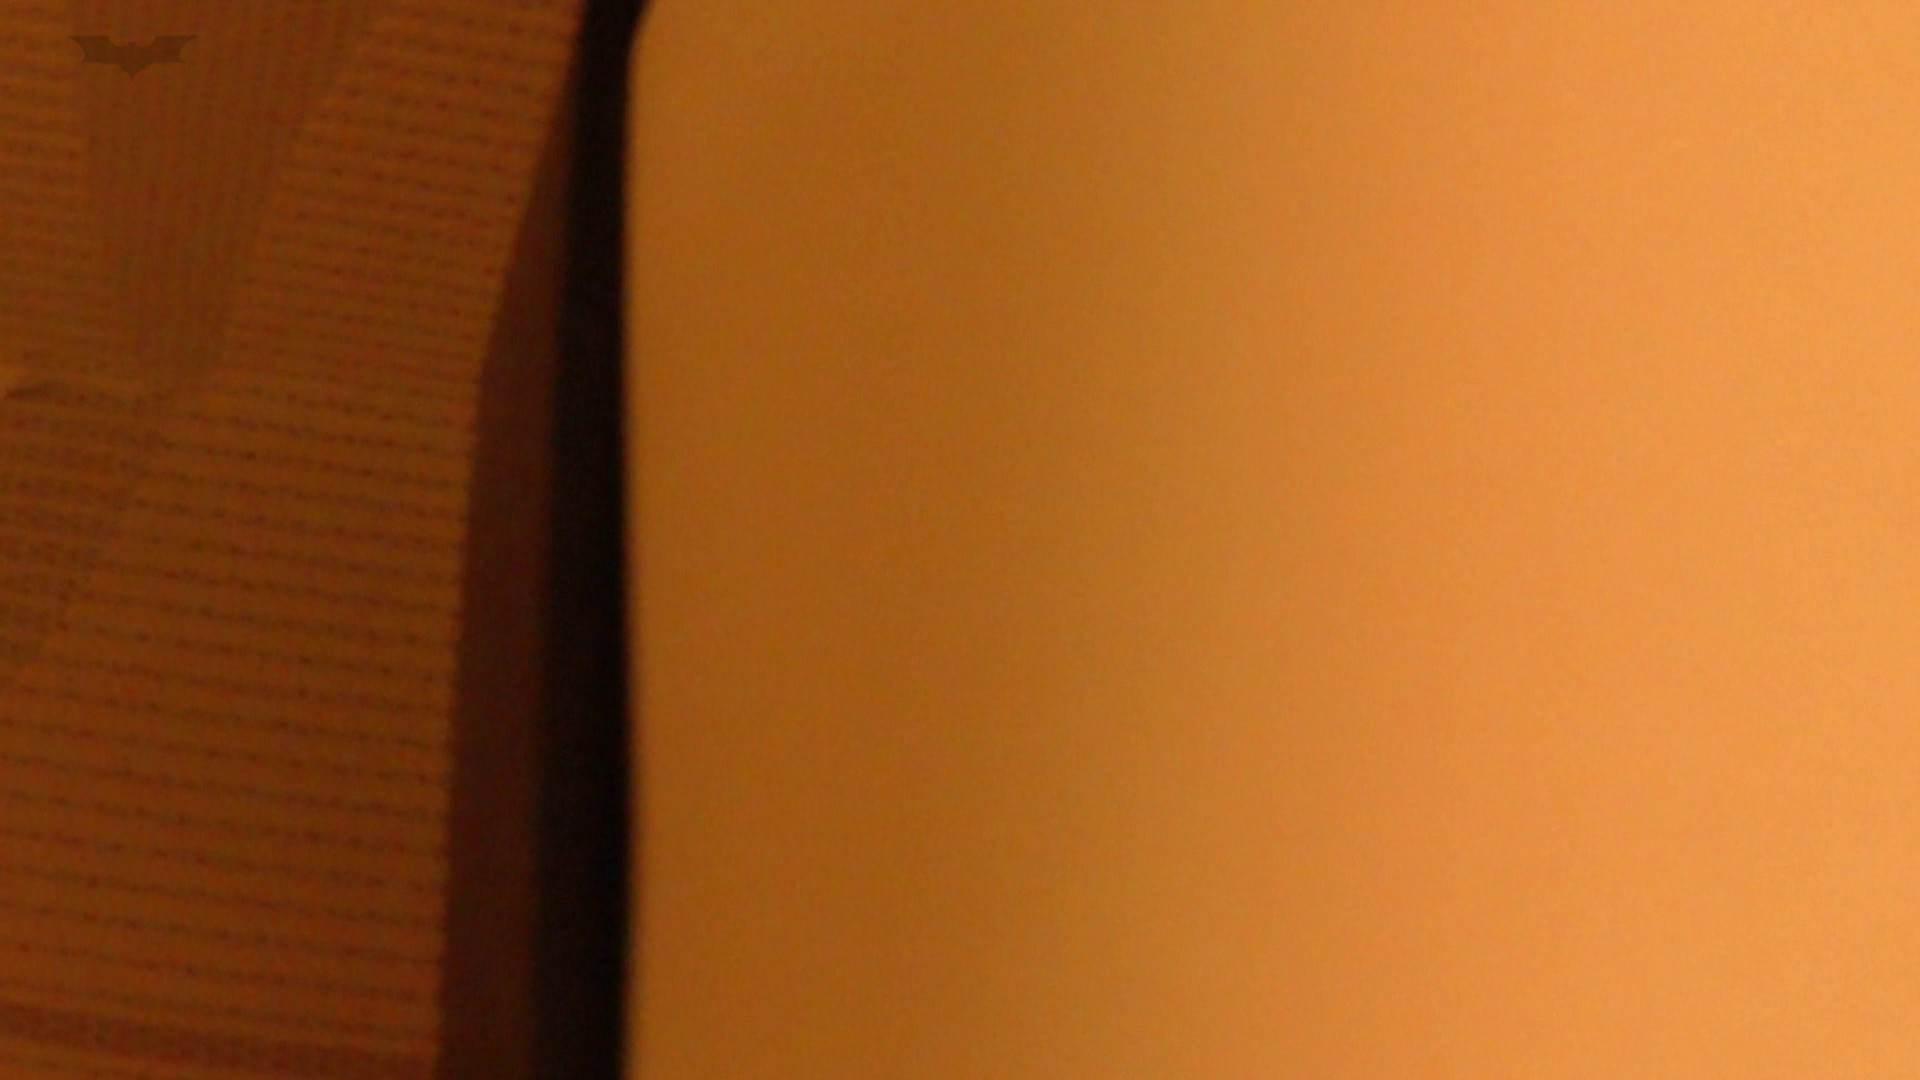 内緒でデリヘル盗撮 Vol.01後編 えっろいデリ嬢はやっぱりごっくん! ごっくん  66Pix 15